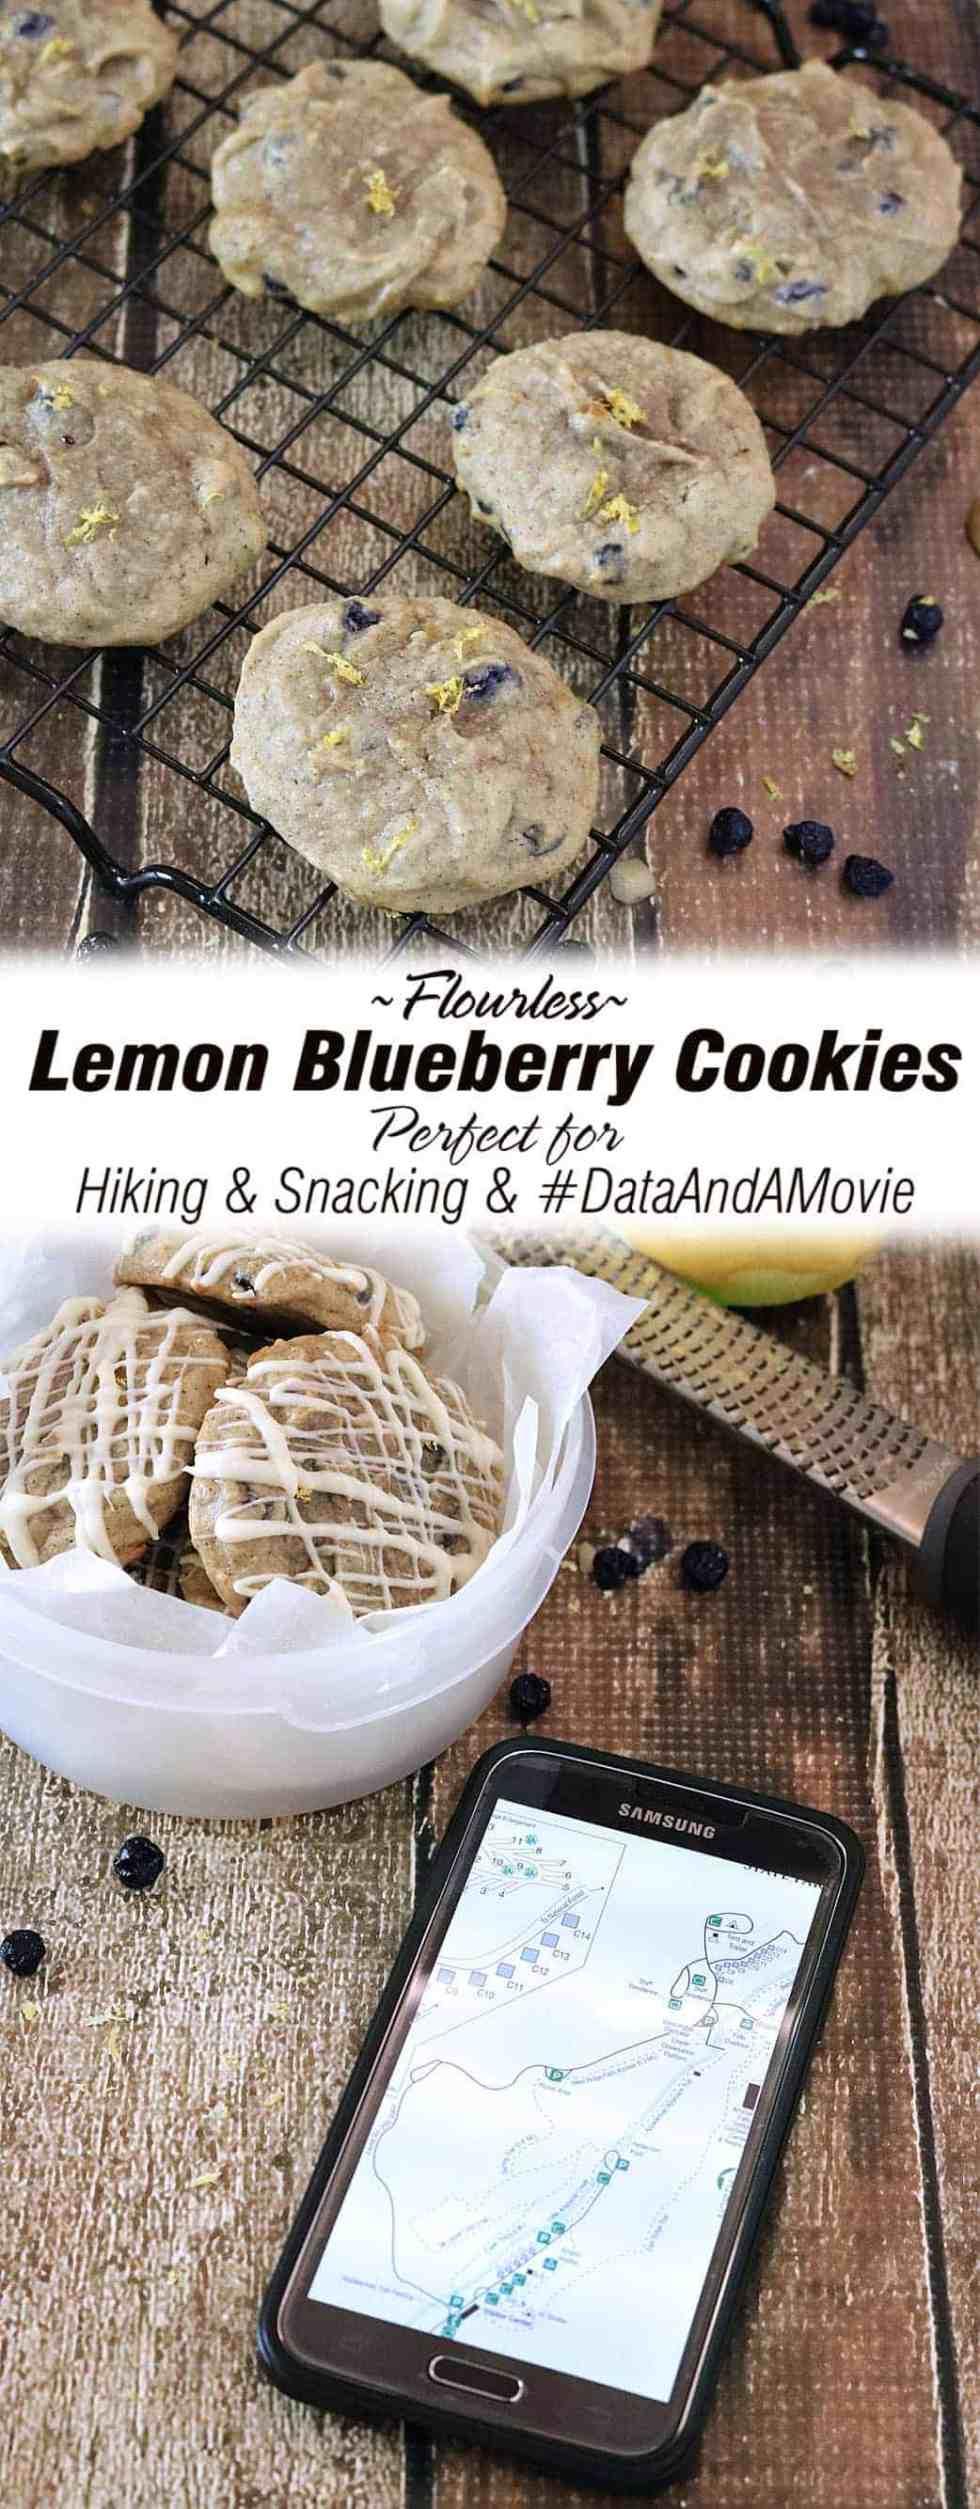 Lemon Blueberry Cookies {Flourless} #DataAndAMovie